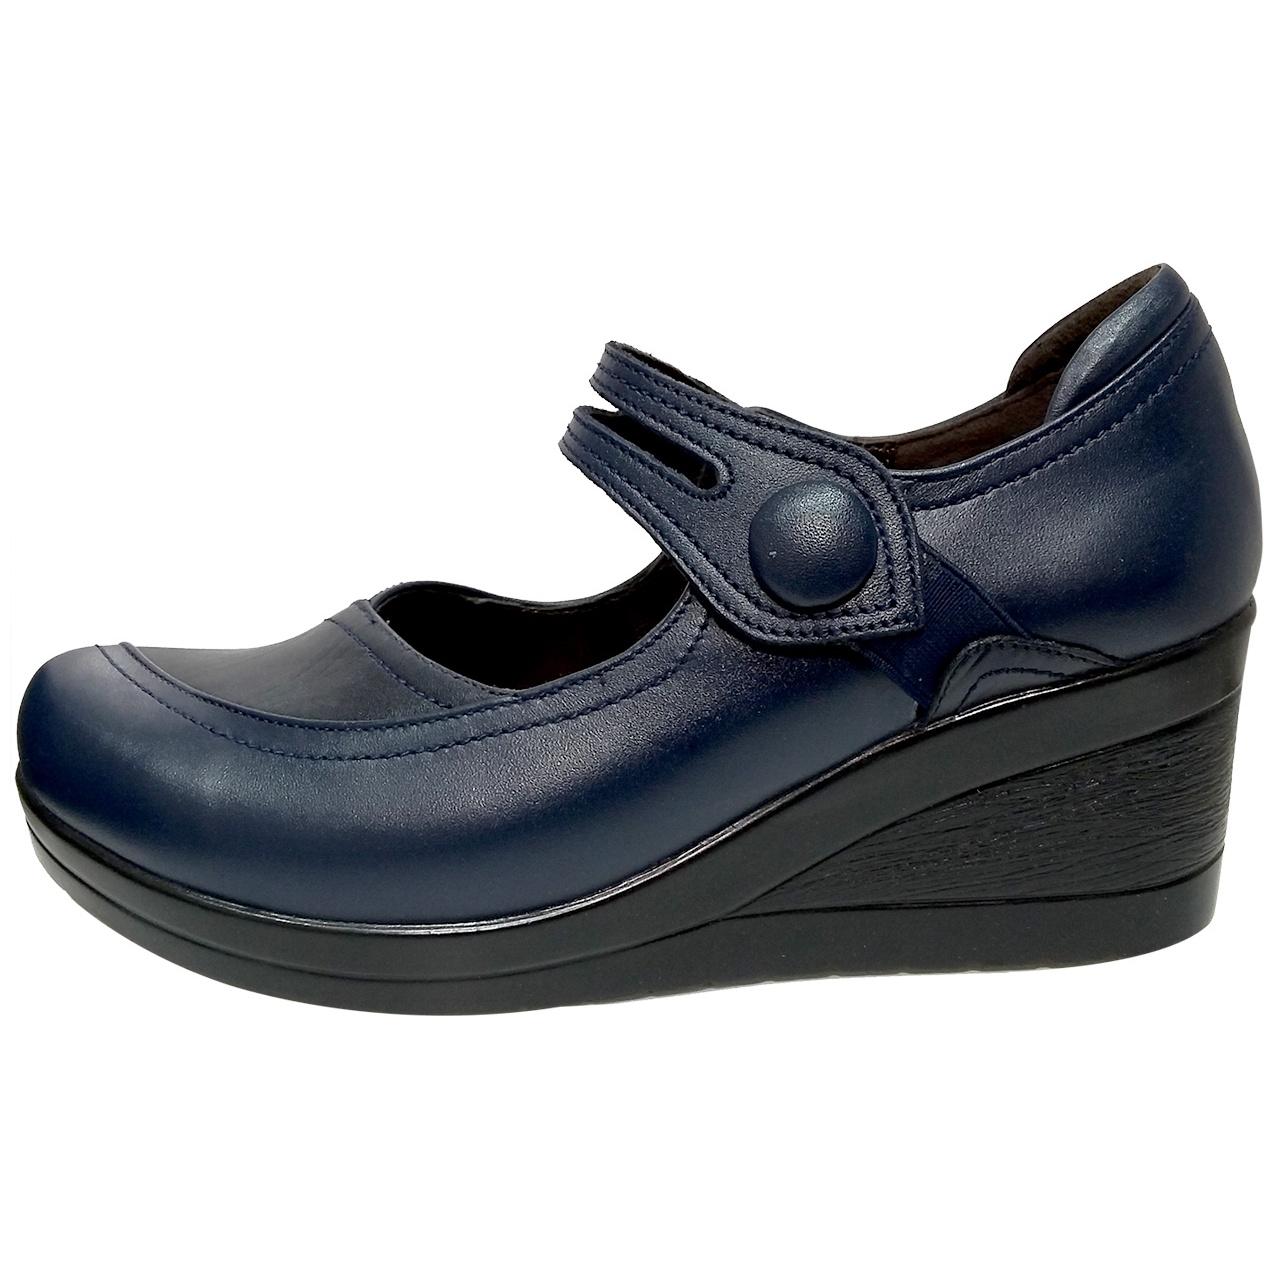 خرید                      کفش روزمره زنانه روشن مدل شبنم کد 03